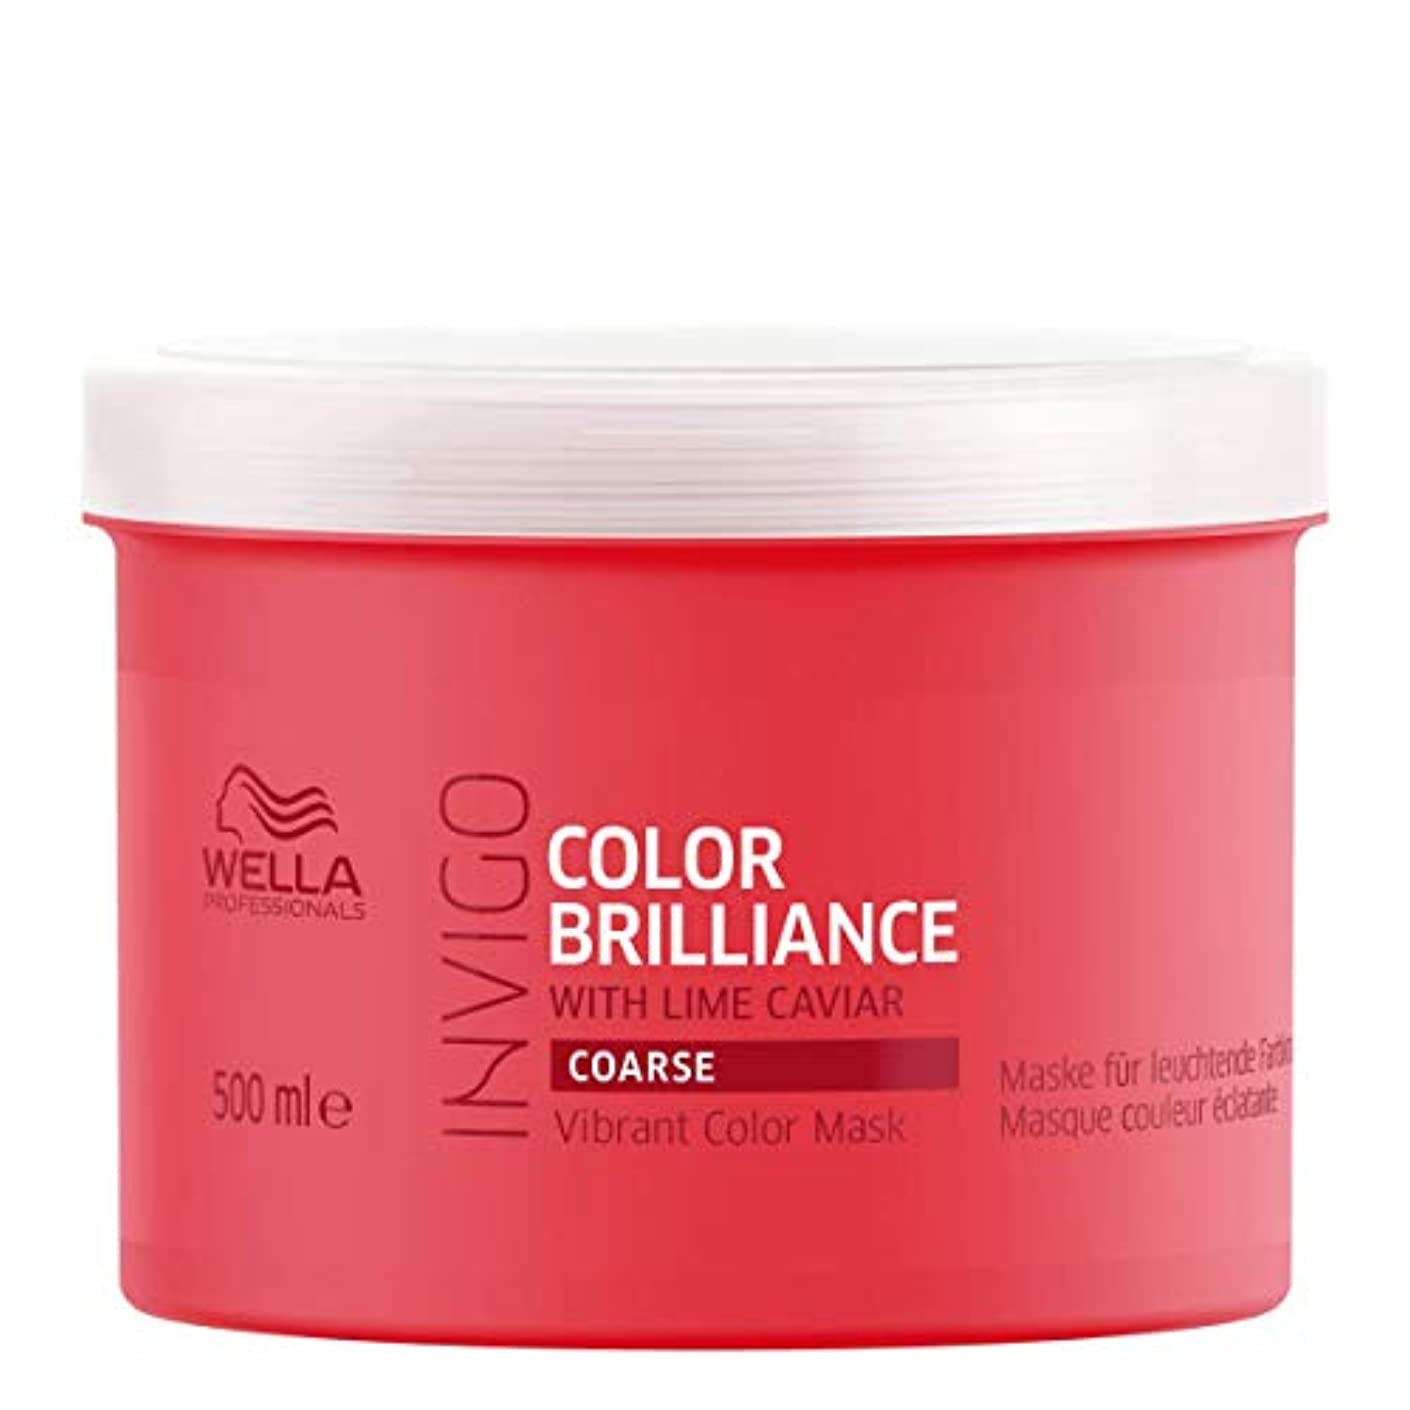 所属項目大ウェラ(Wella) インヴィゴ カラー ブリリアンス コース ビブラント カラー マスク 500ml[海外直送品] [並行輸入品]